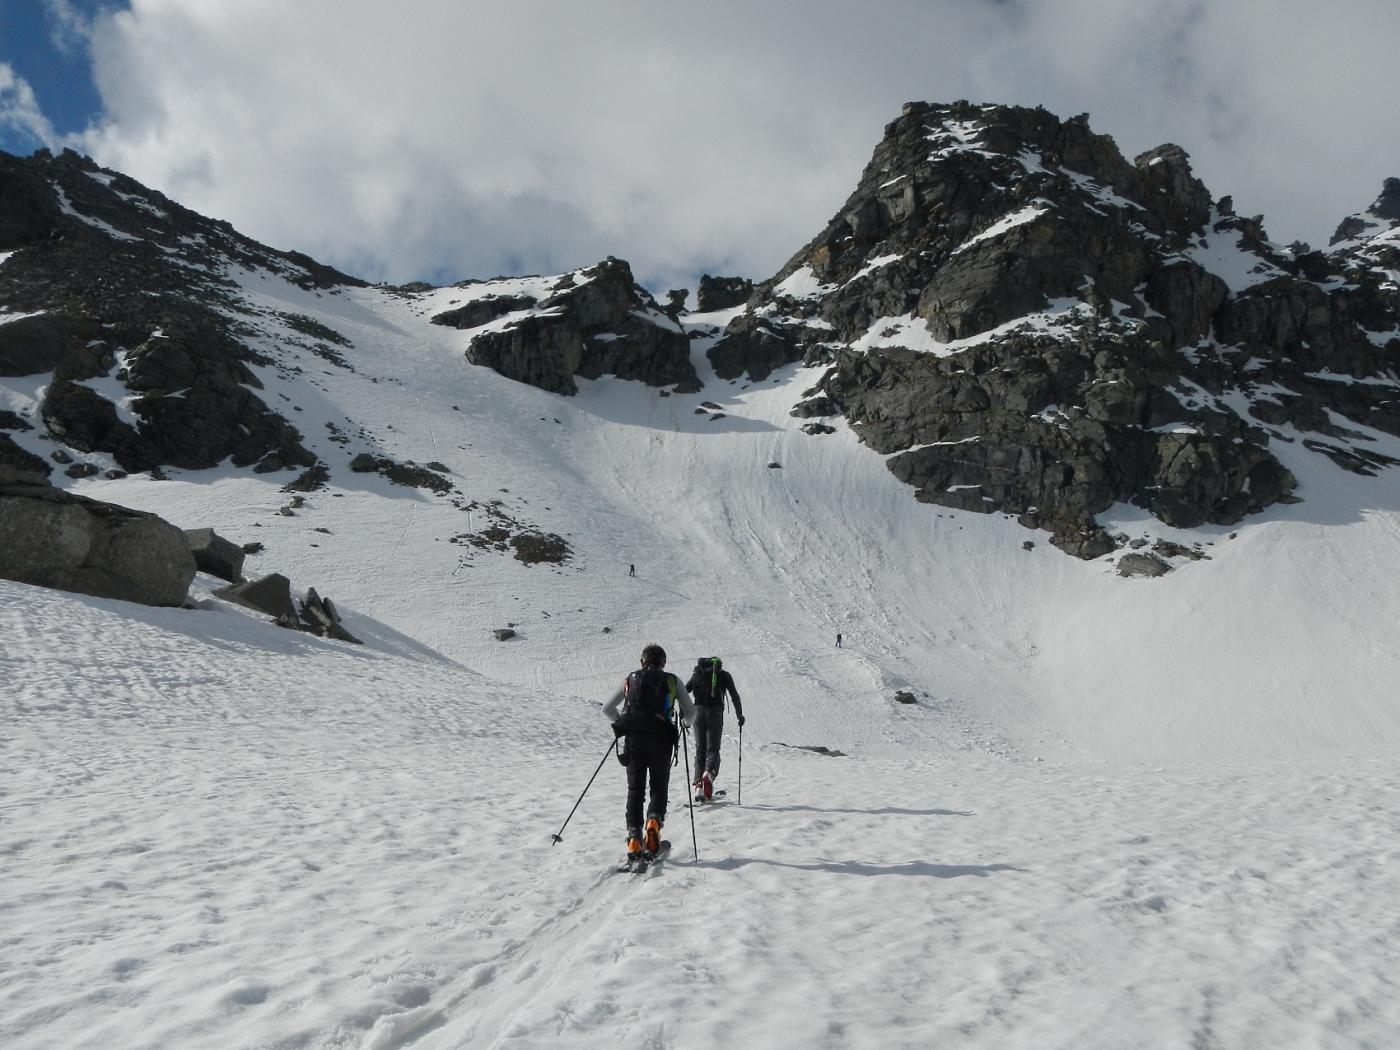 verso il ripido pendio per raggiungere il colletto a quota 2720 m.